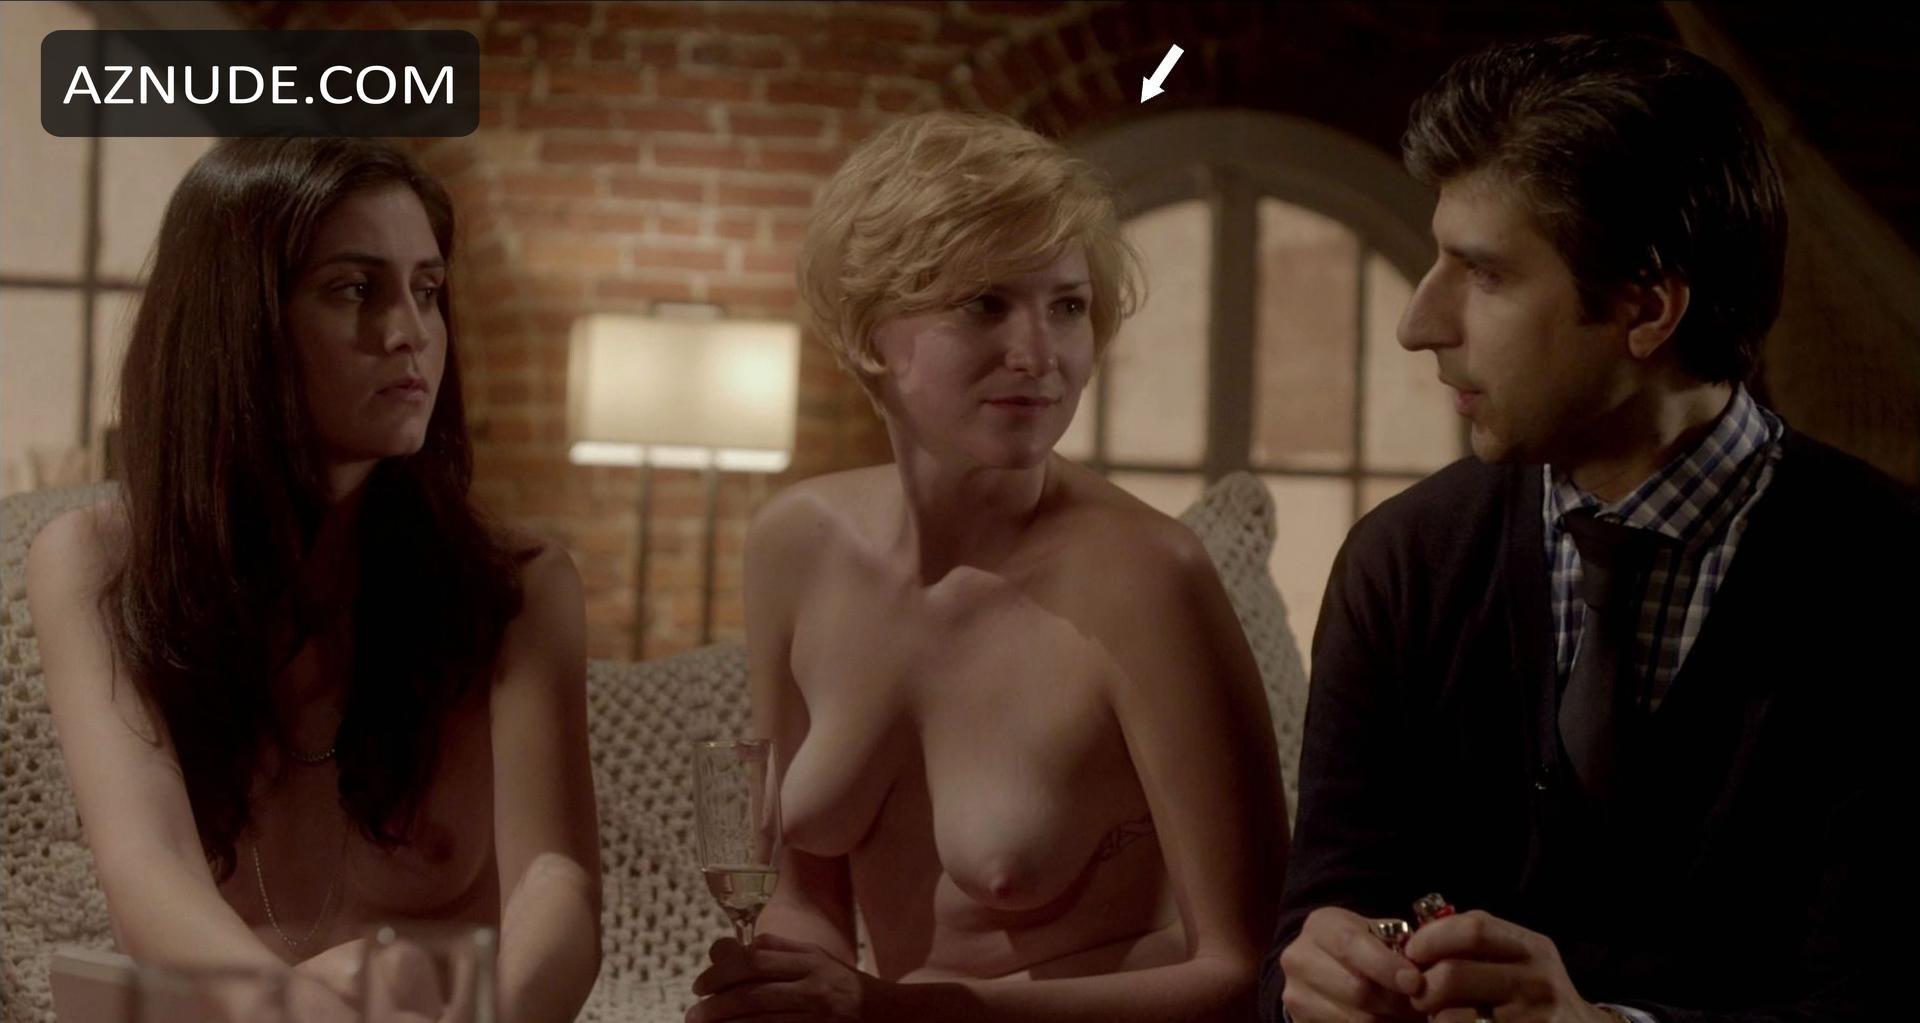 Mary elizabeth ellis naked fake nude — img 3